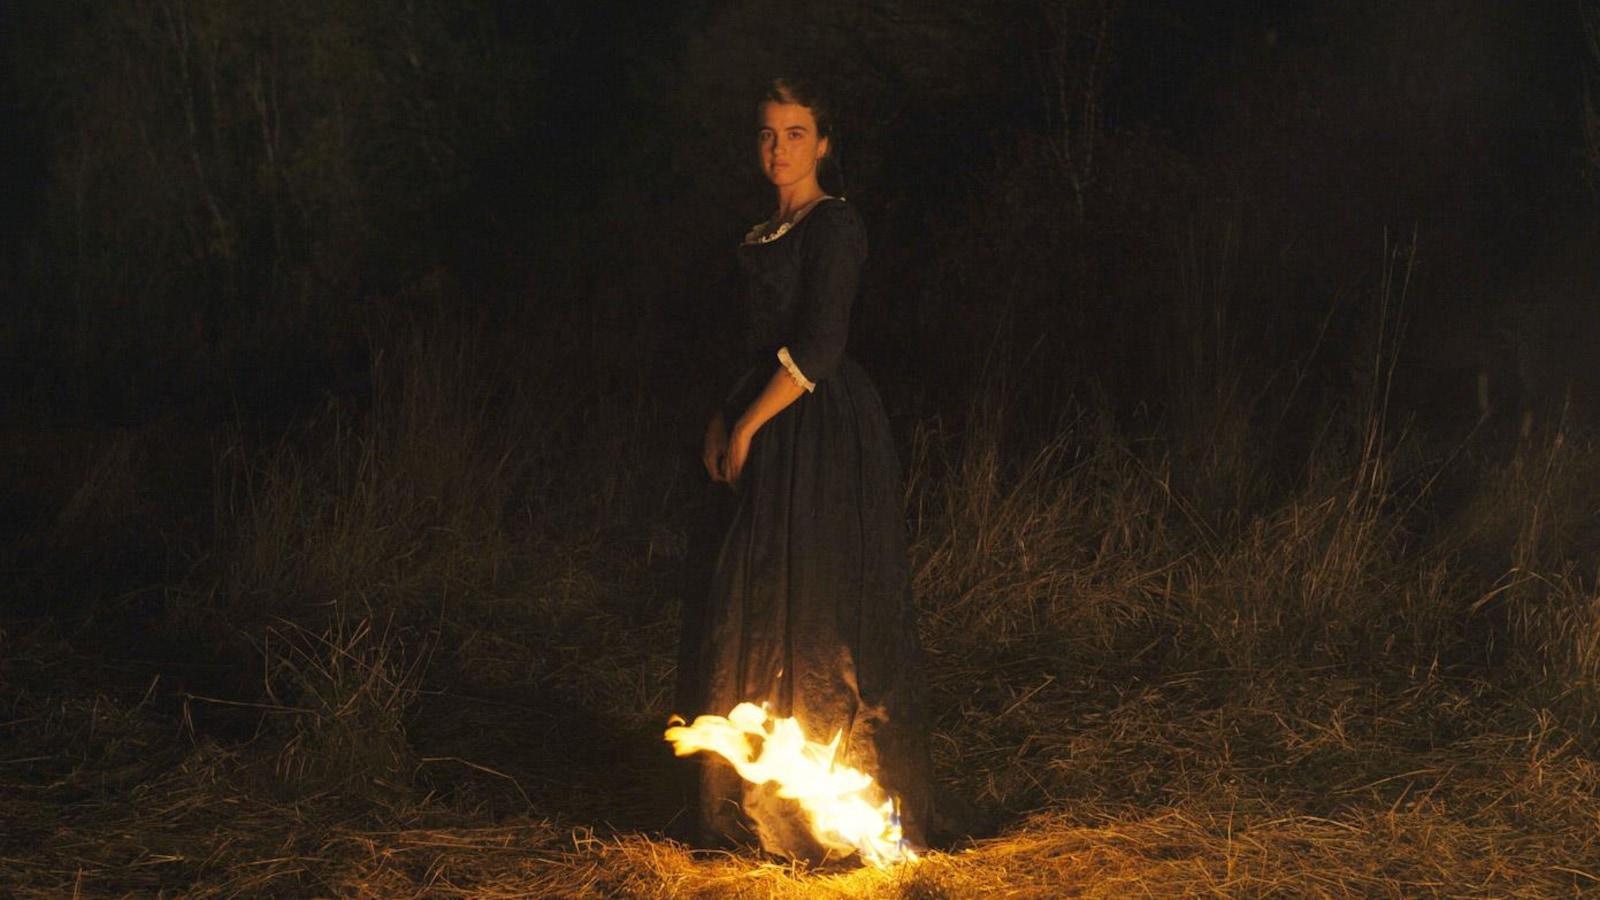 Une jeune femme en robe d'époque devant un feu dans un champ, la nuit.